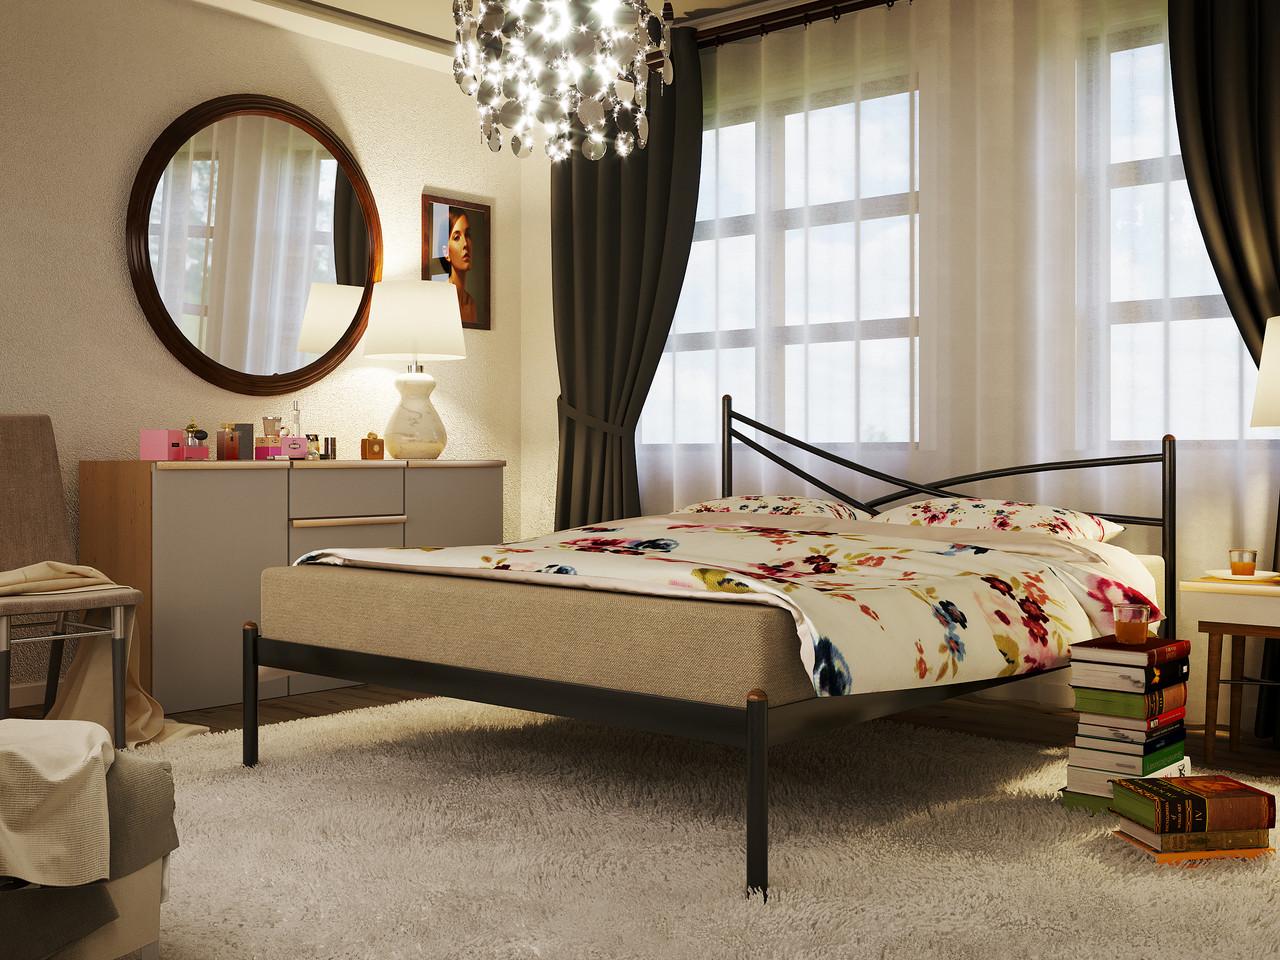 Кровать металлическая Лиана / Liana, фабрика Метакам